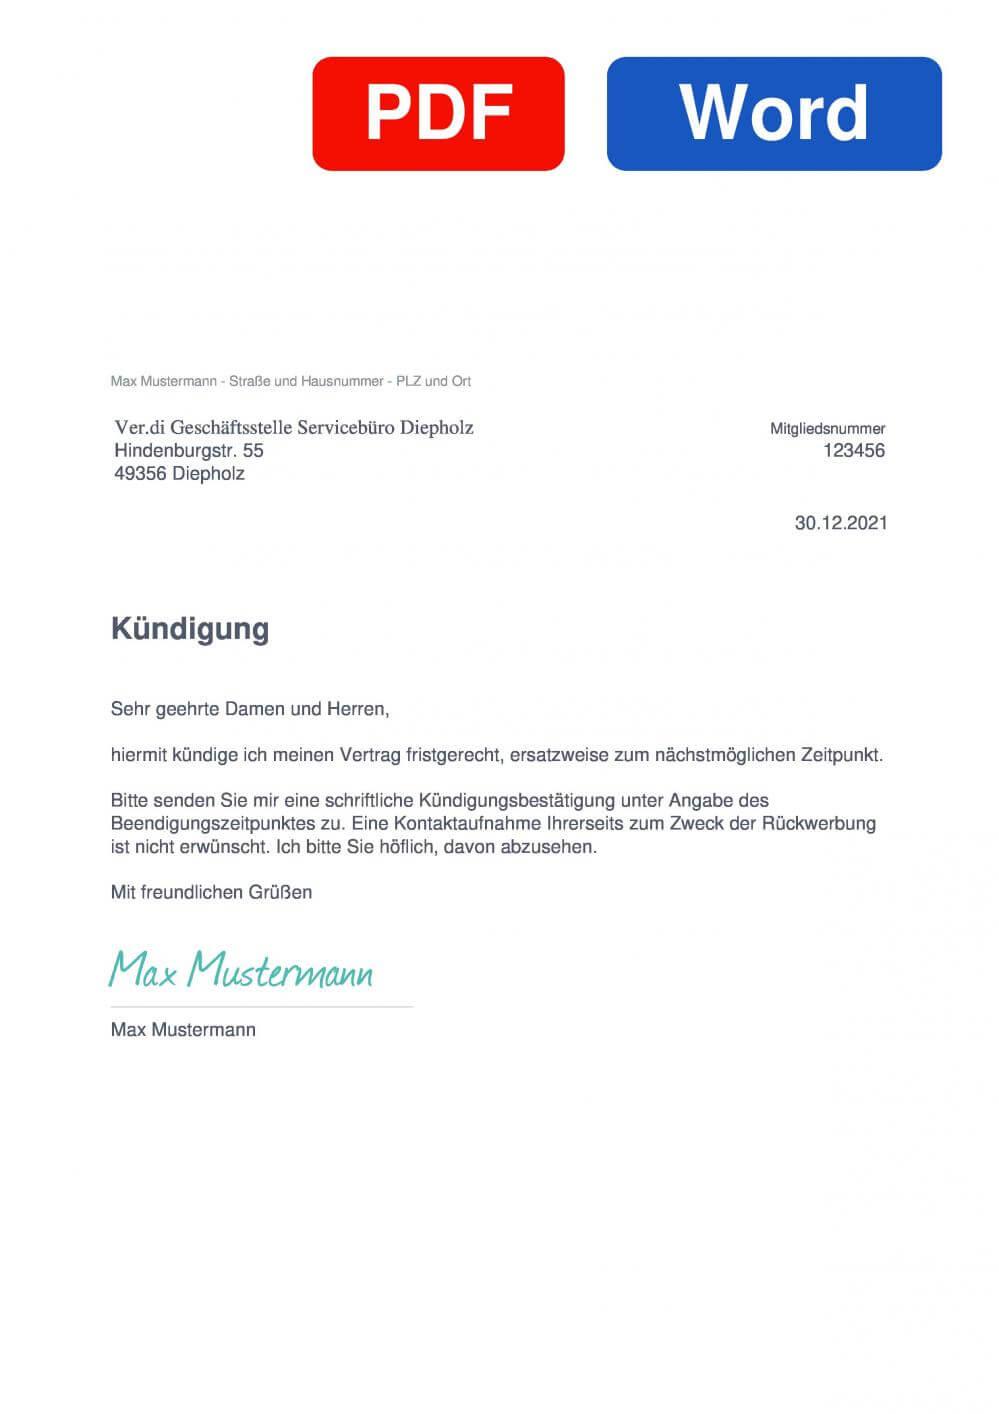 Verdi Diepholz Muster Vorlage für Kündigungsschreiben